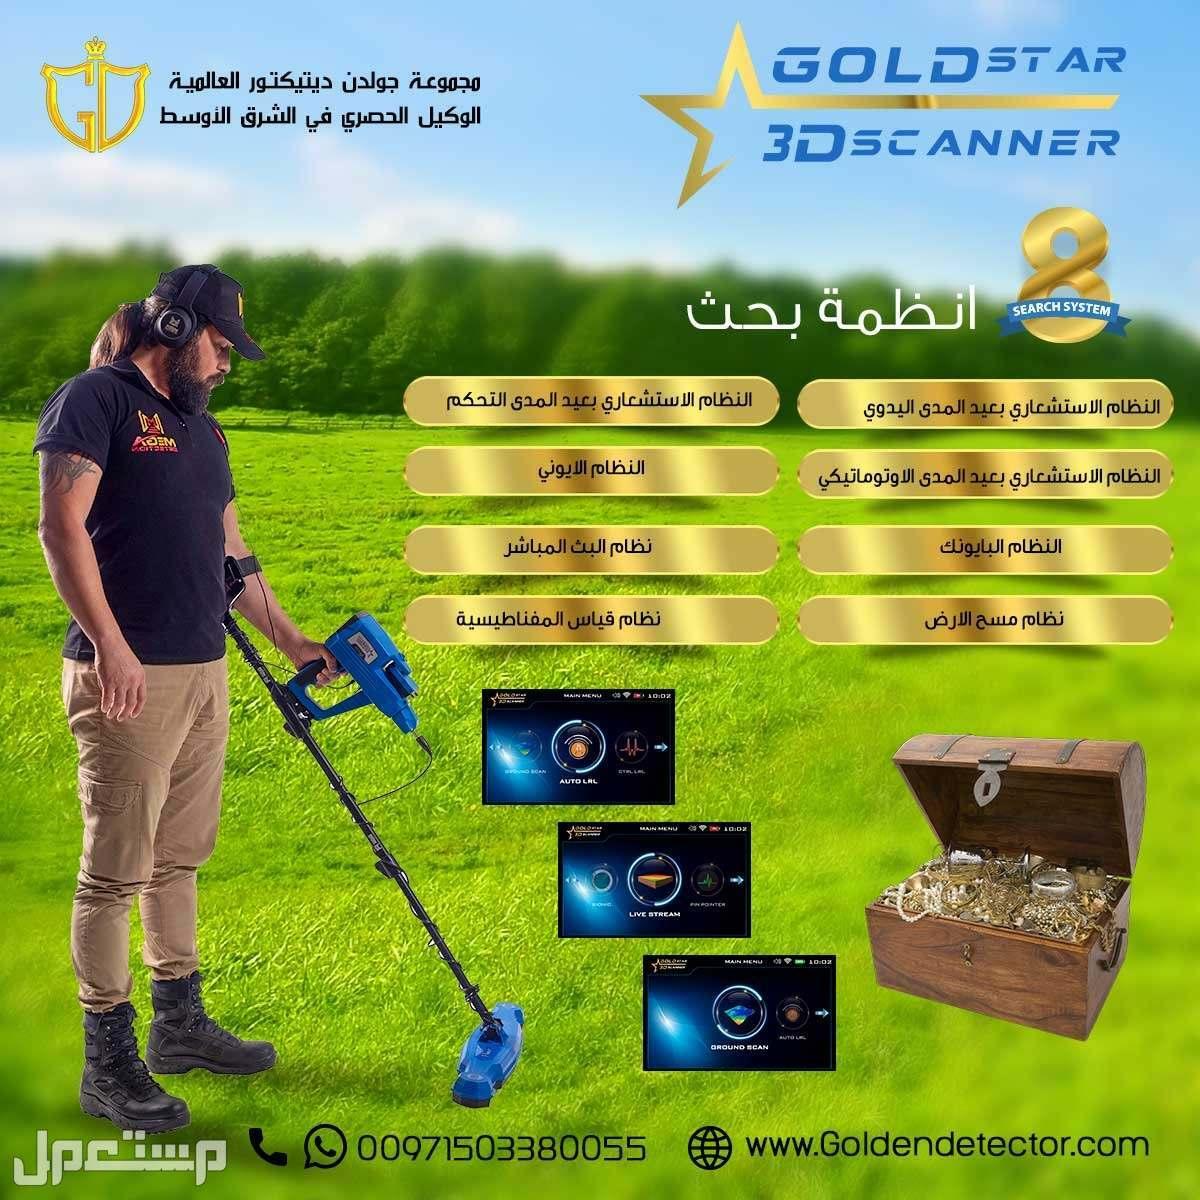 جهاز كشف الذهب جولد ستار التصويري ثلاثي الابعاد 2021 جهاز كشف الذهب جولد ستار التصويري